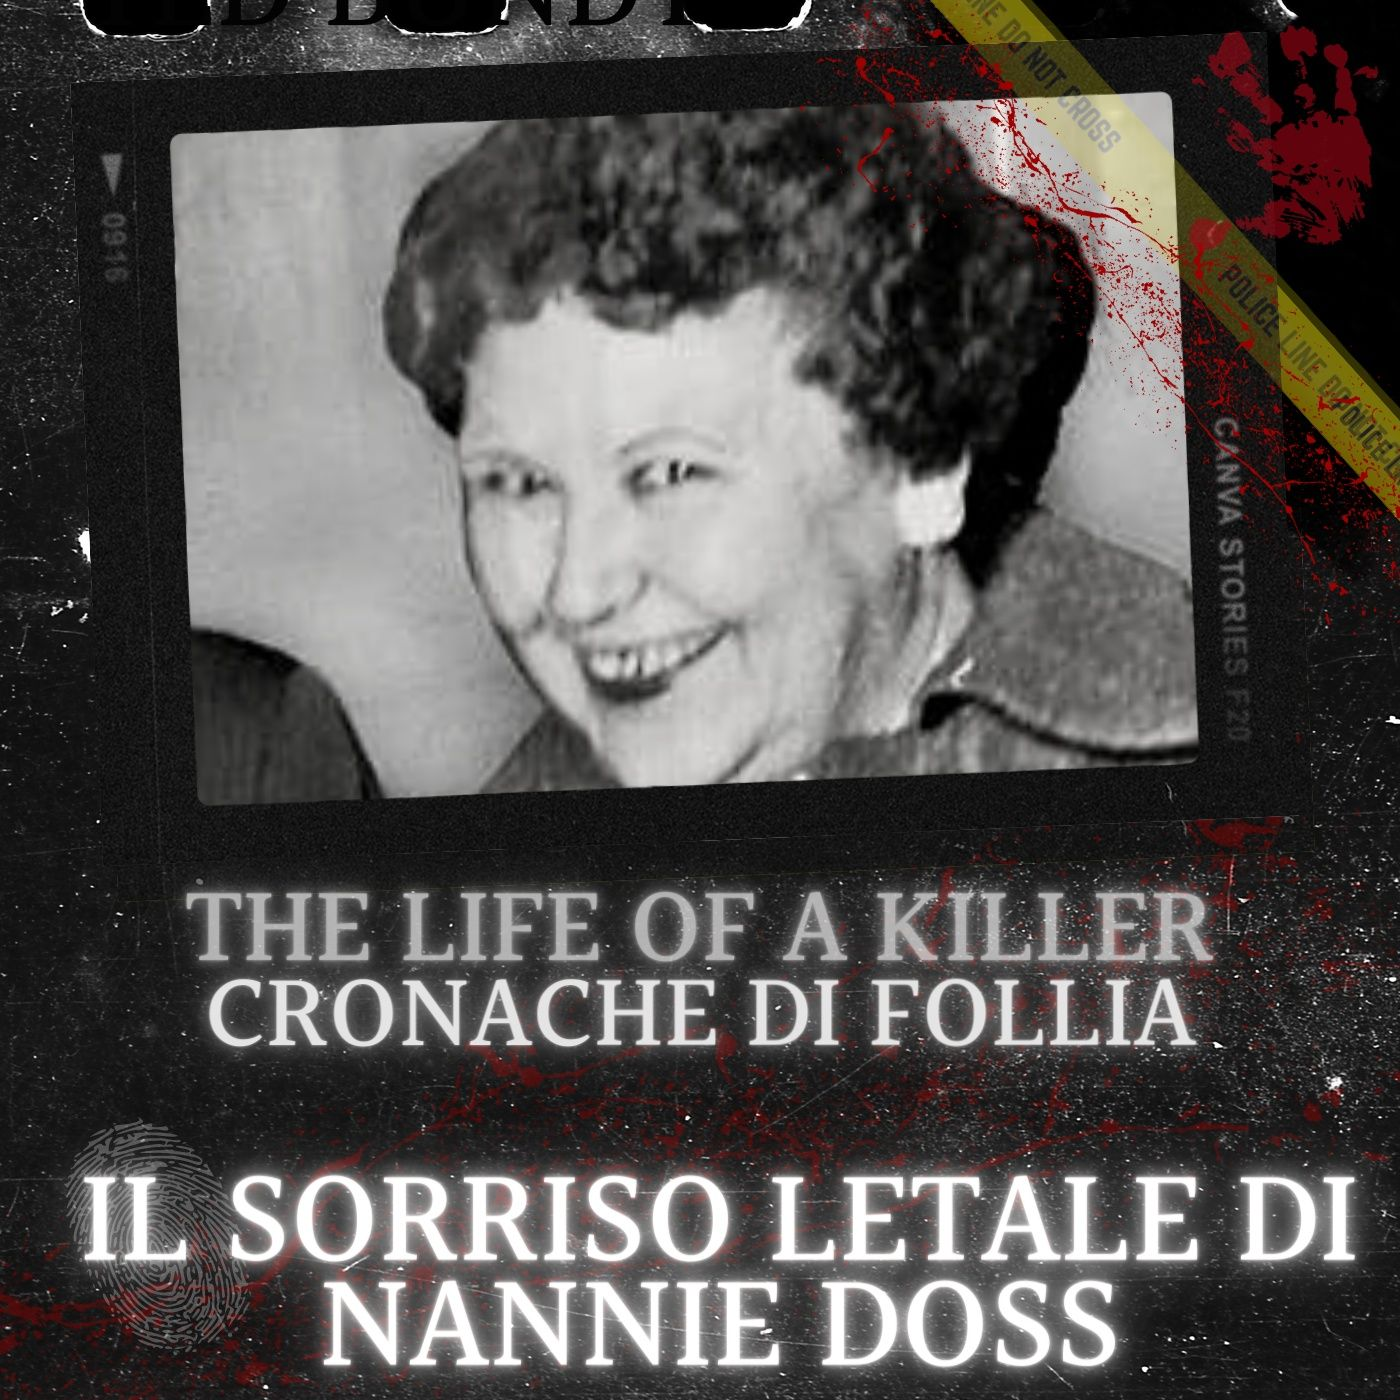 Il sorriso letale di Nannie Doss